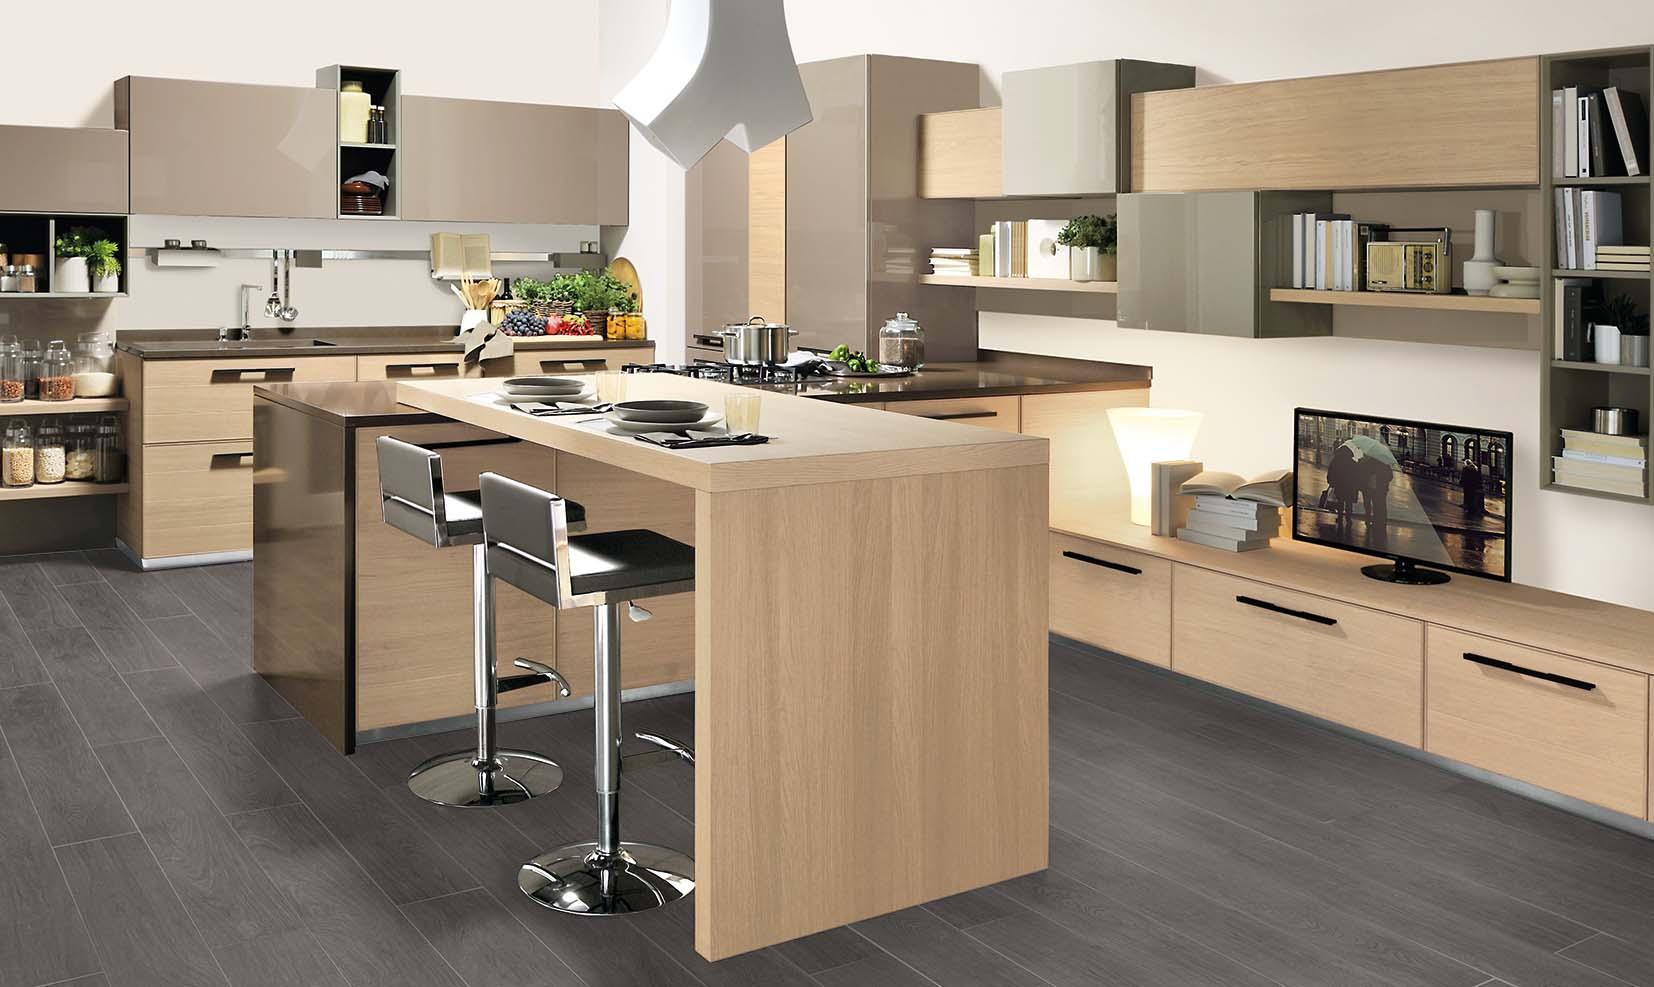 Le cucine ad isola moderne e multifunzionali for Cucine e cucine prezzi